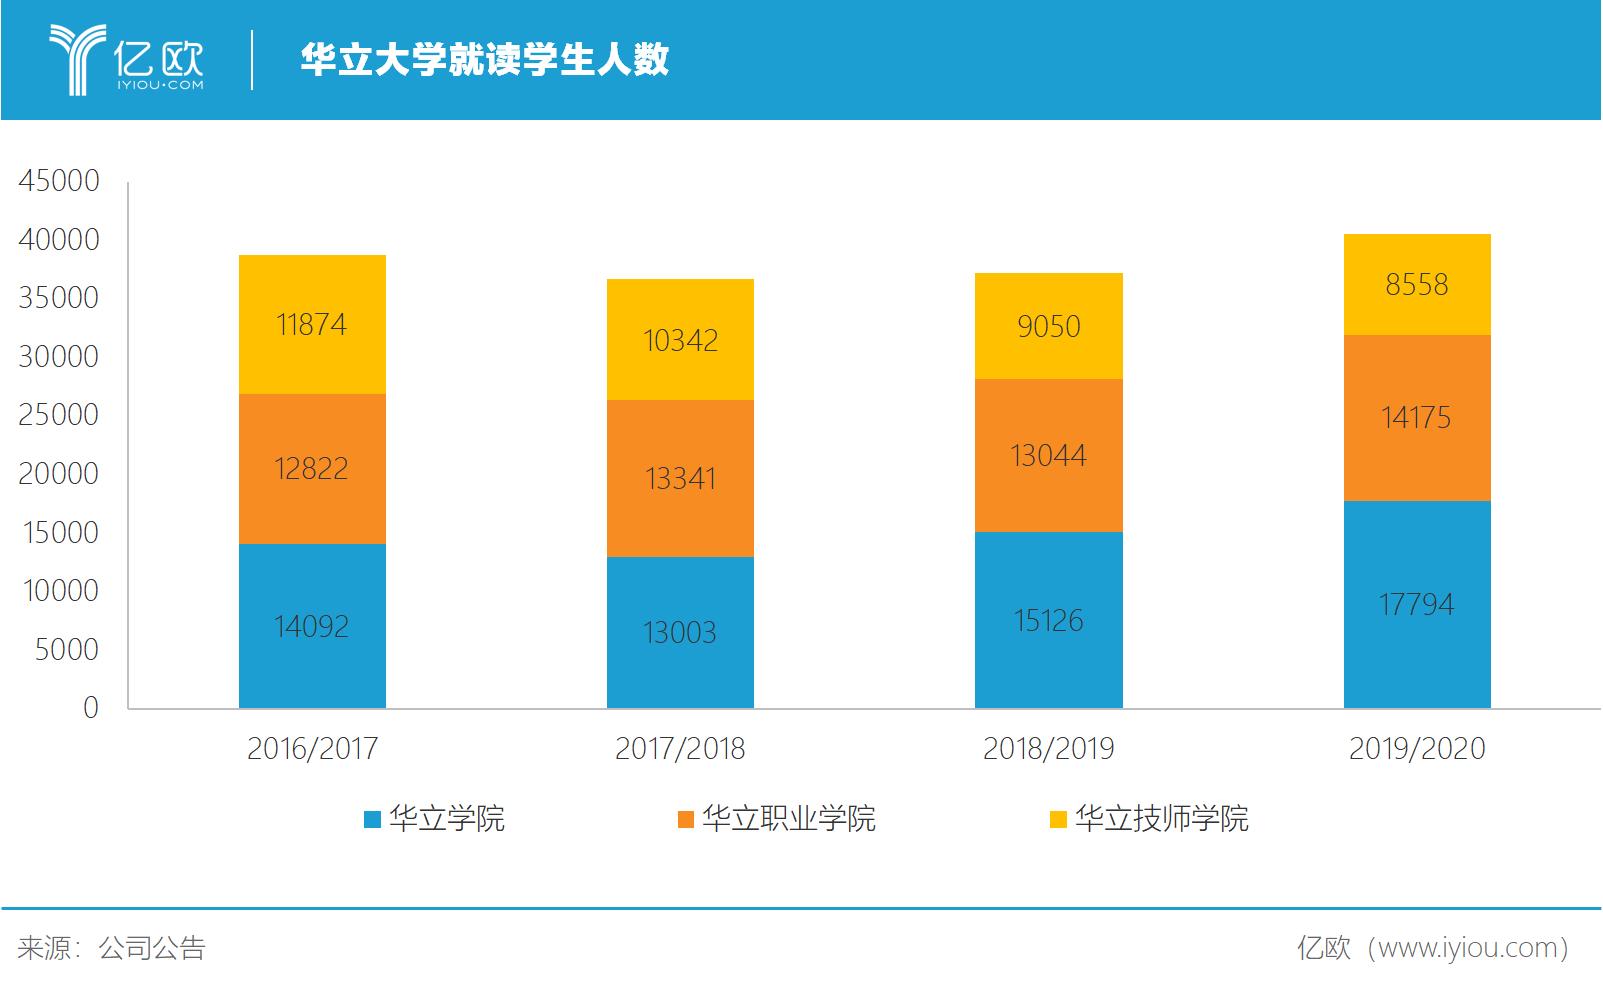 亿欧智库:华立大学学生人数